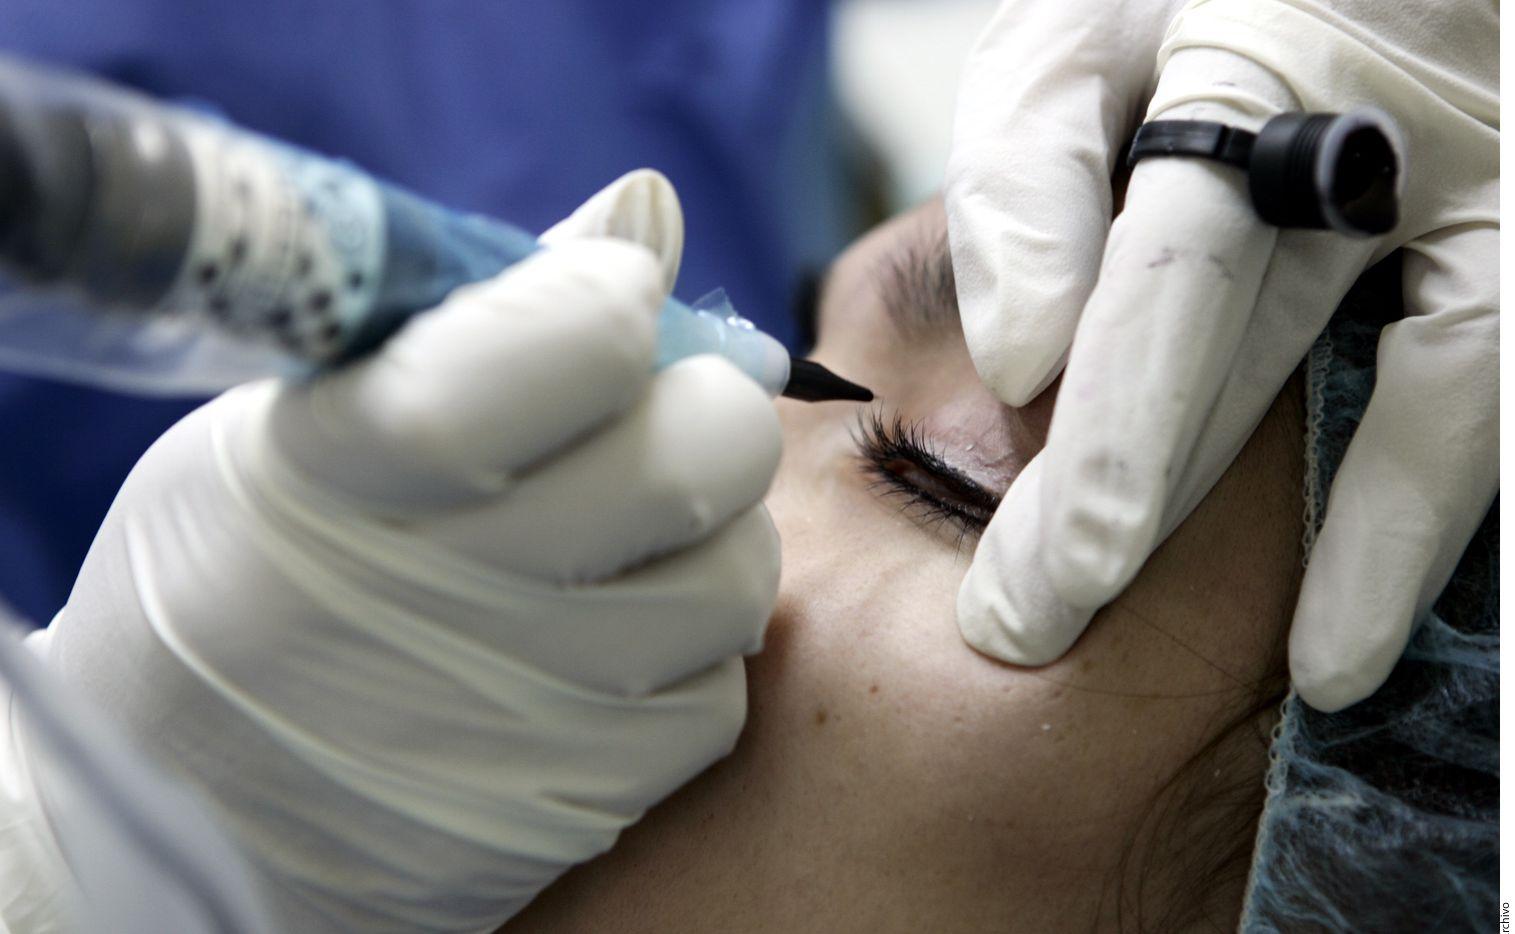 De acuerdo con el especialista en cirugía de extremidades inferiores, hay pacientes que desde los 30 años buscan una cirugía de párpados, o blefaroplastia, debido a comentarios de terceros sobre su aspecto cansado. AGENCIA REFORMA